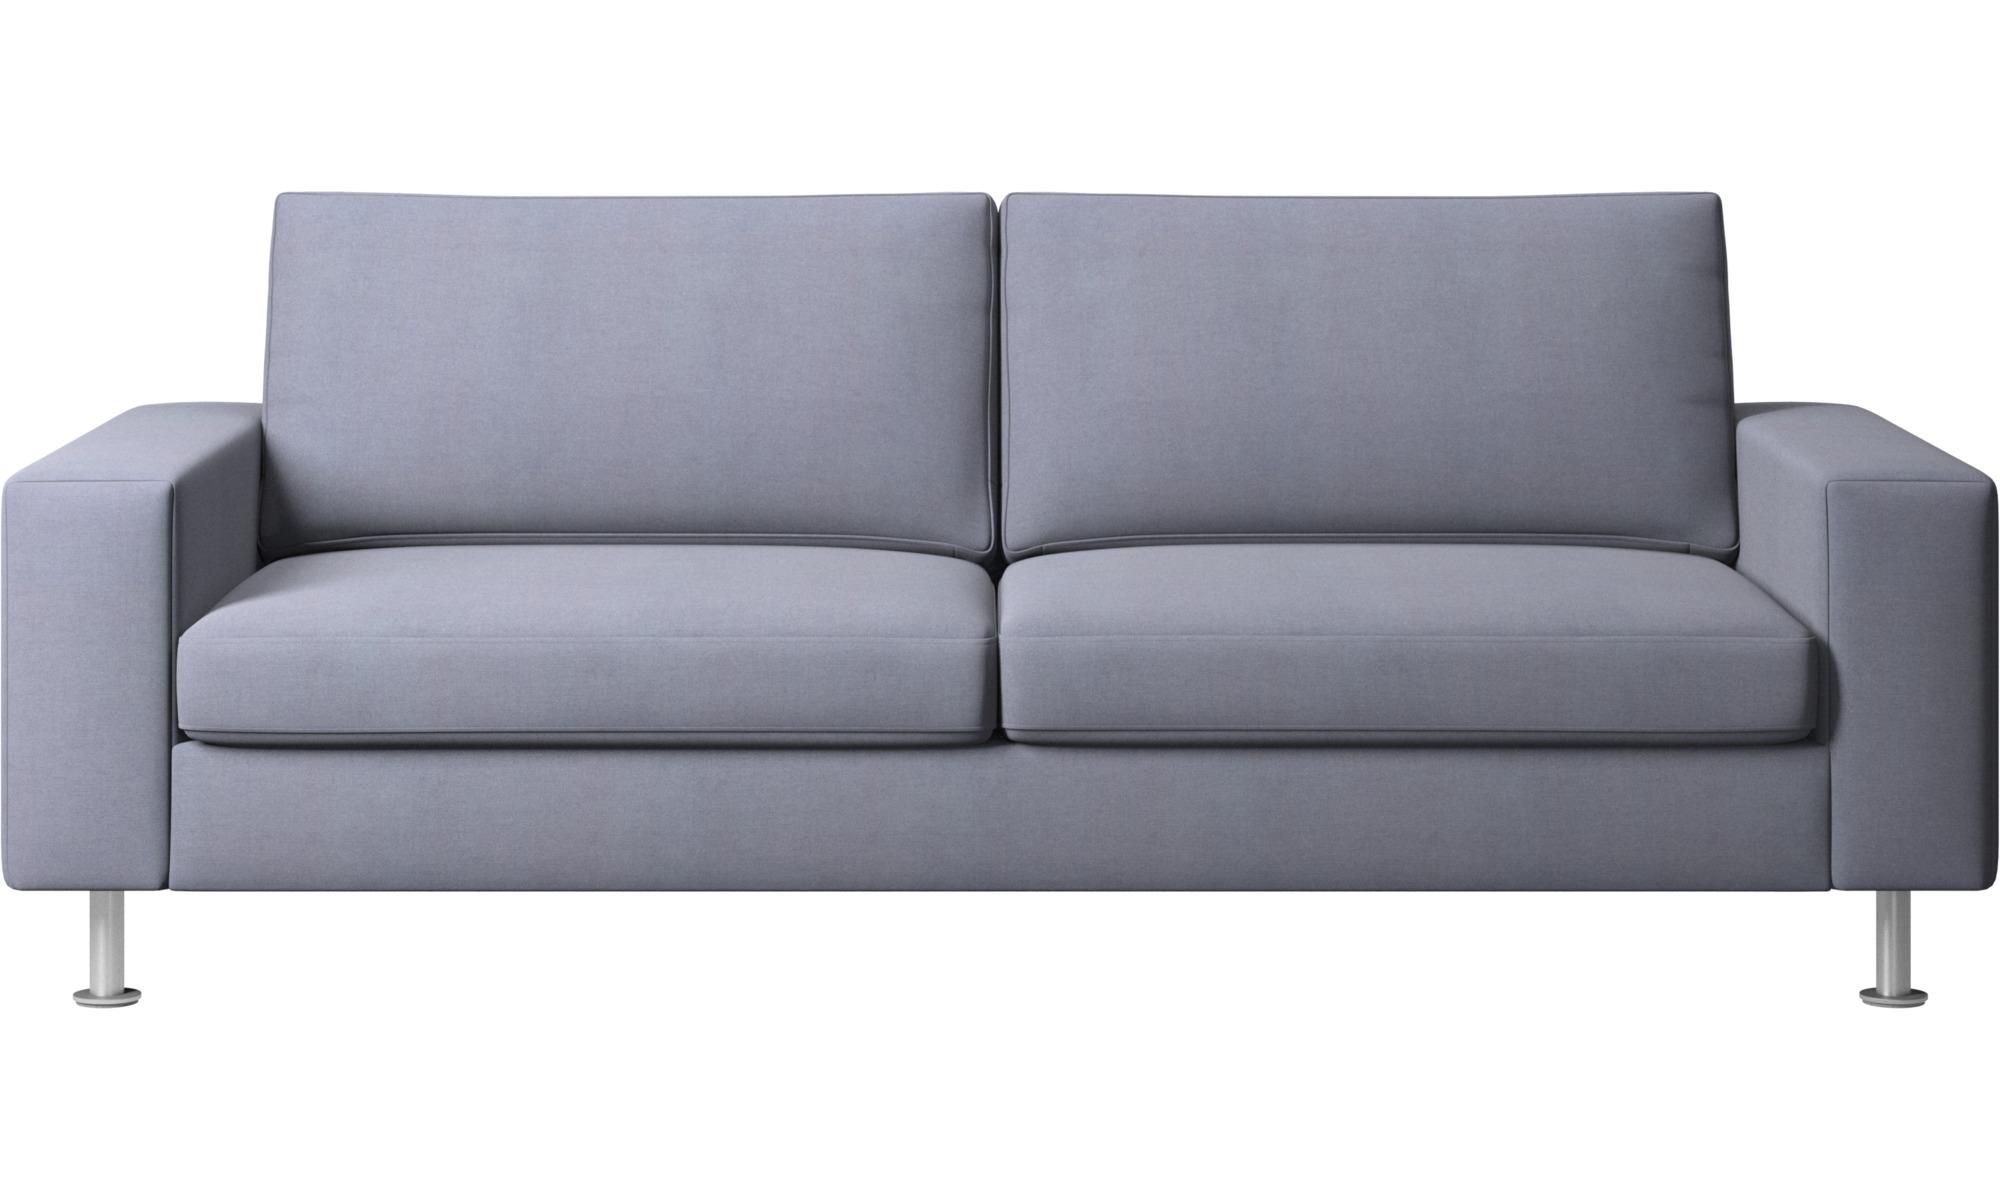 Sofy rozkładane - Sofa Indivi z funkcją spania - Niebieski - Tkanina